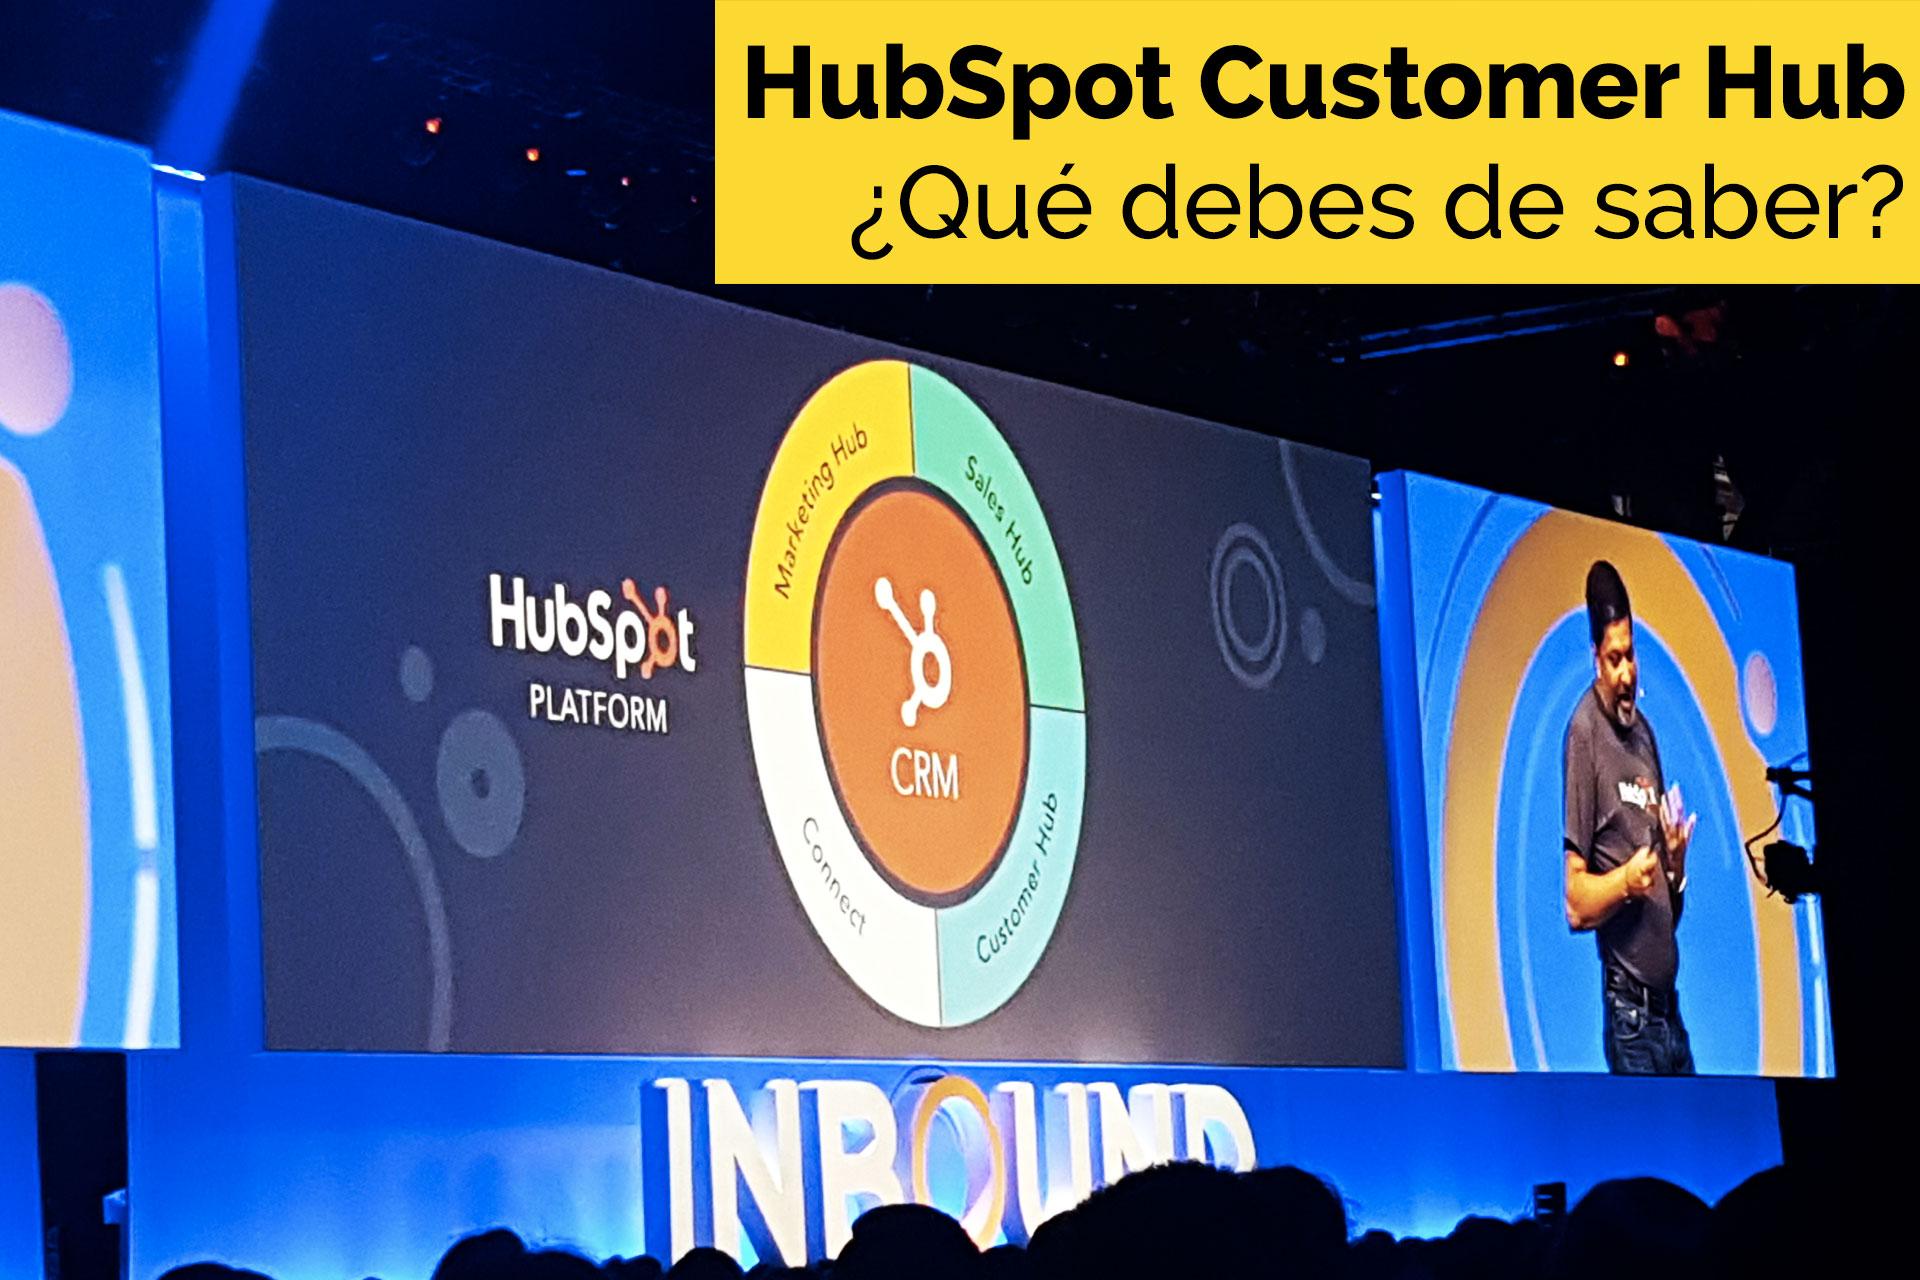 hubspot-customer-hub.jpg